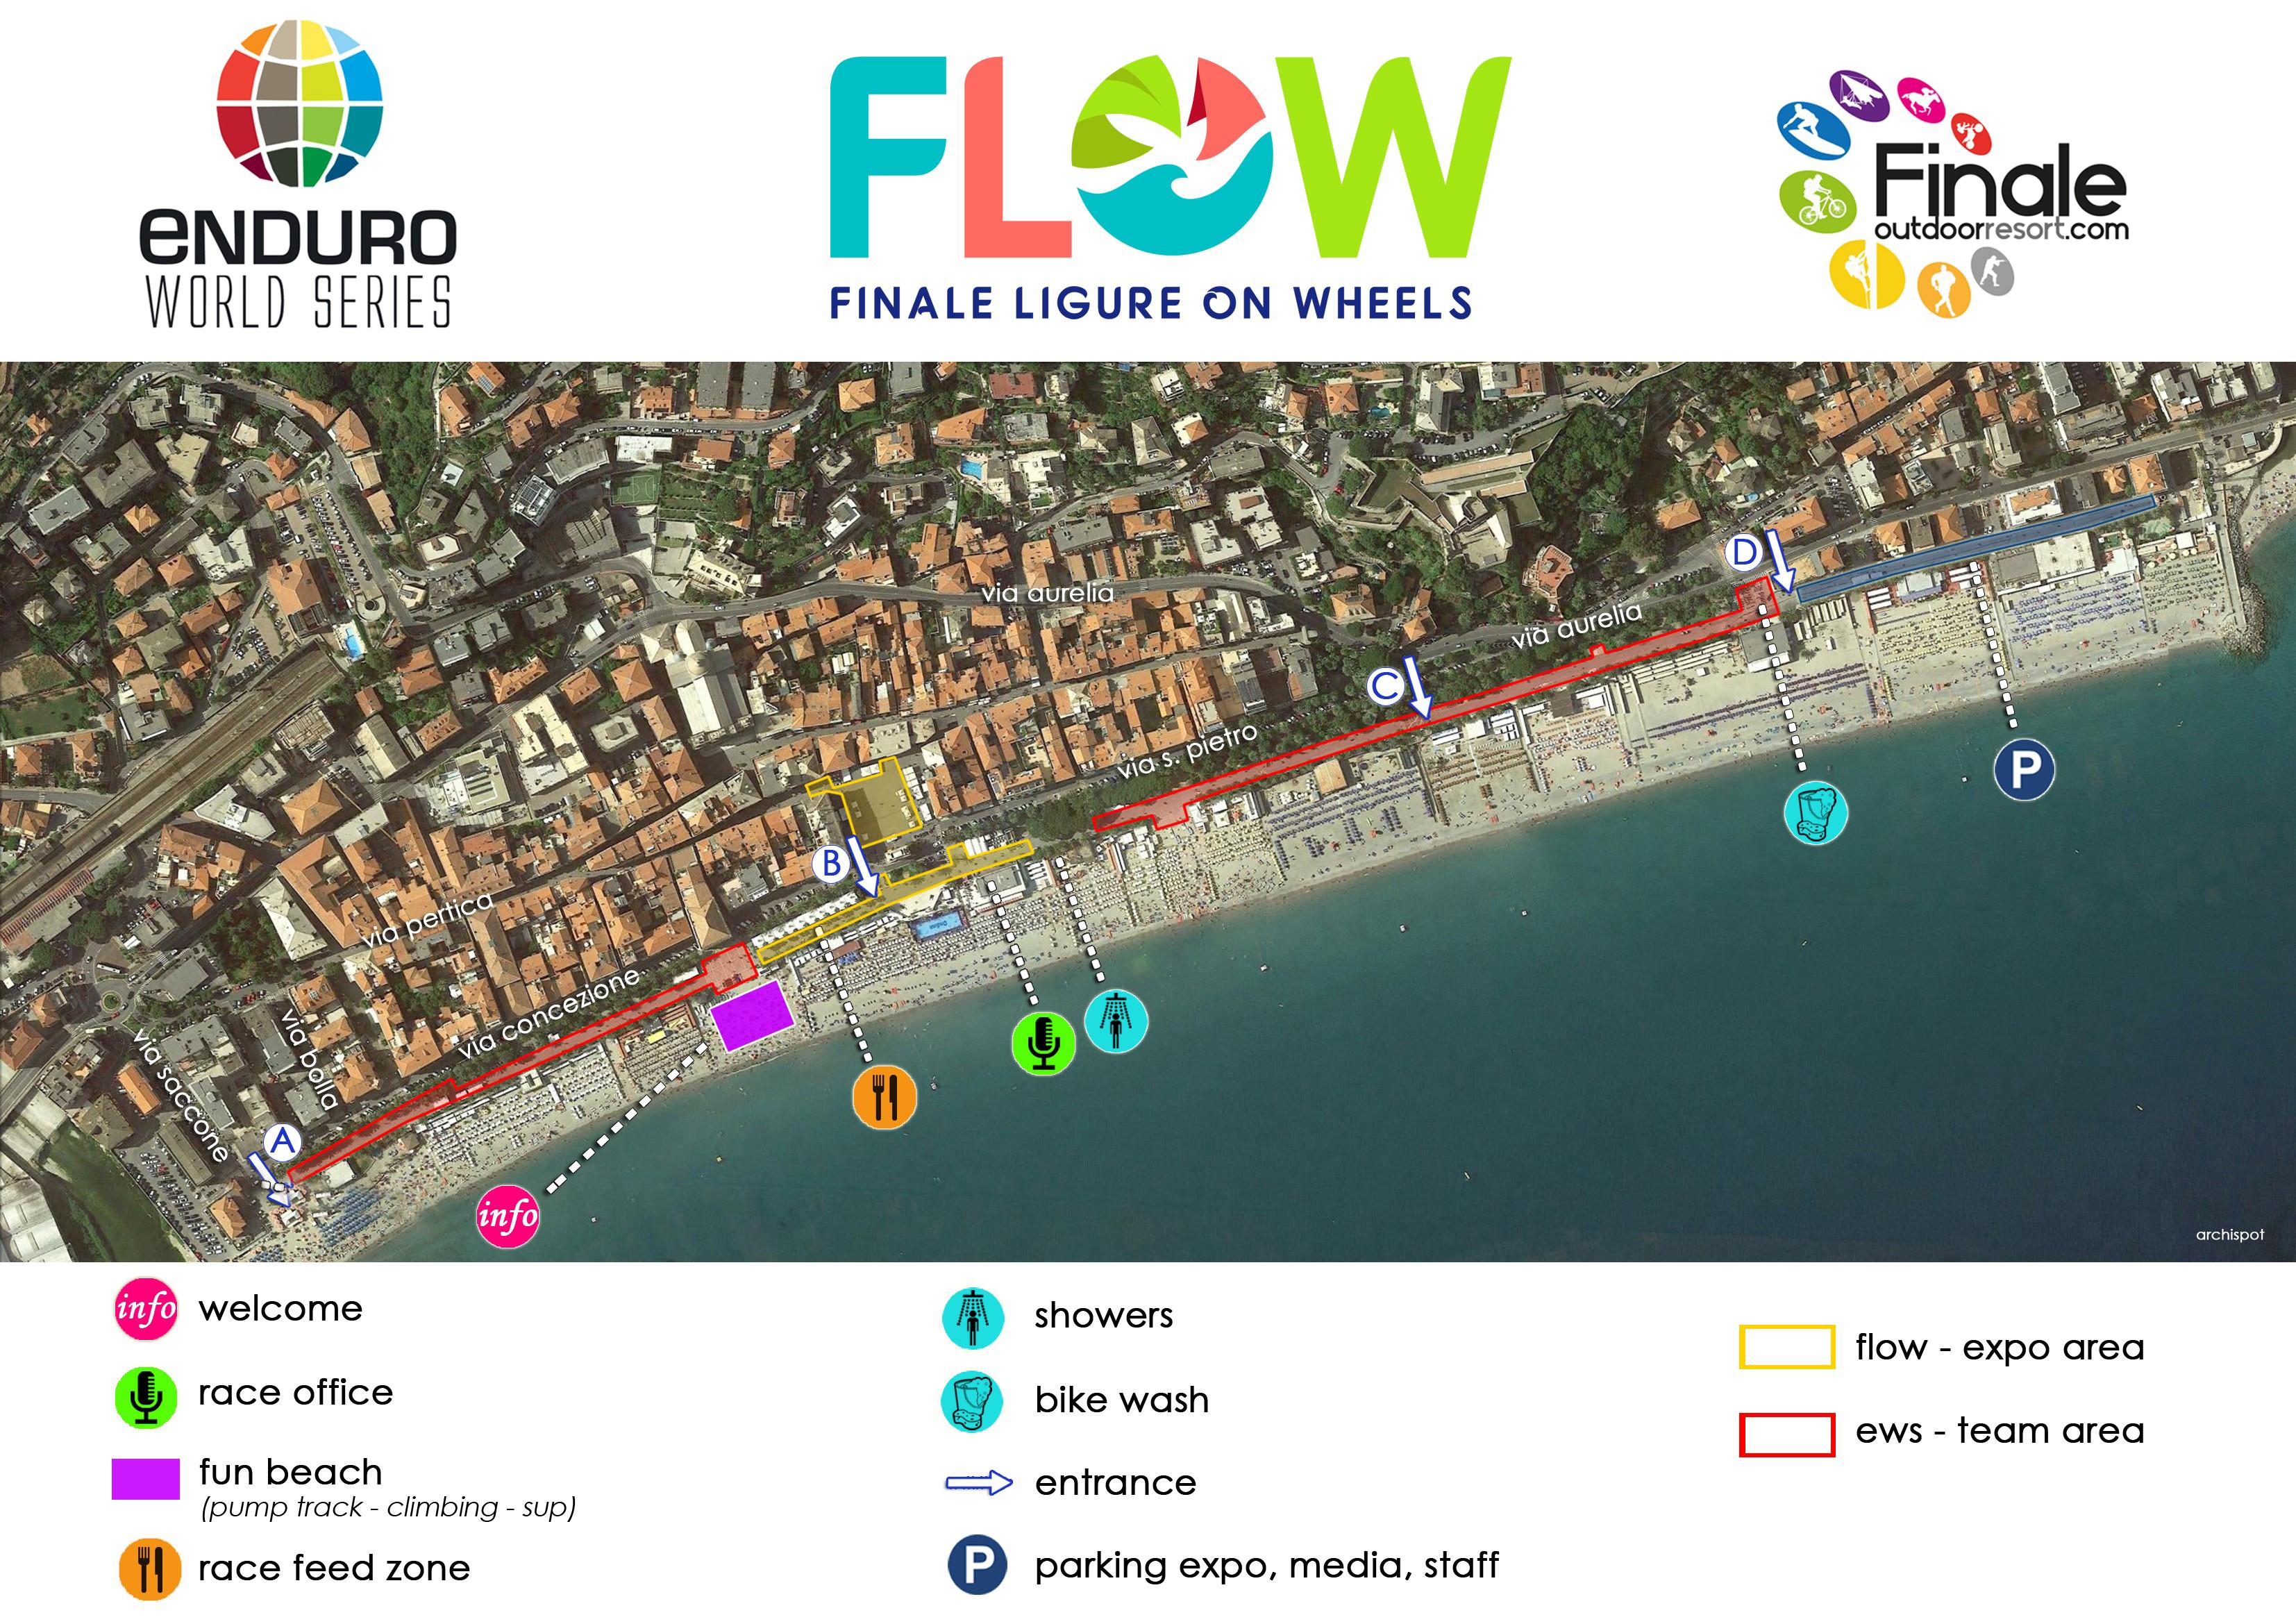 FLOW FESTIVAL, TUTTE LE ATTIVITA' IN PROGRAMMA A FINALE LIGURE